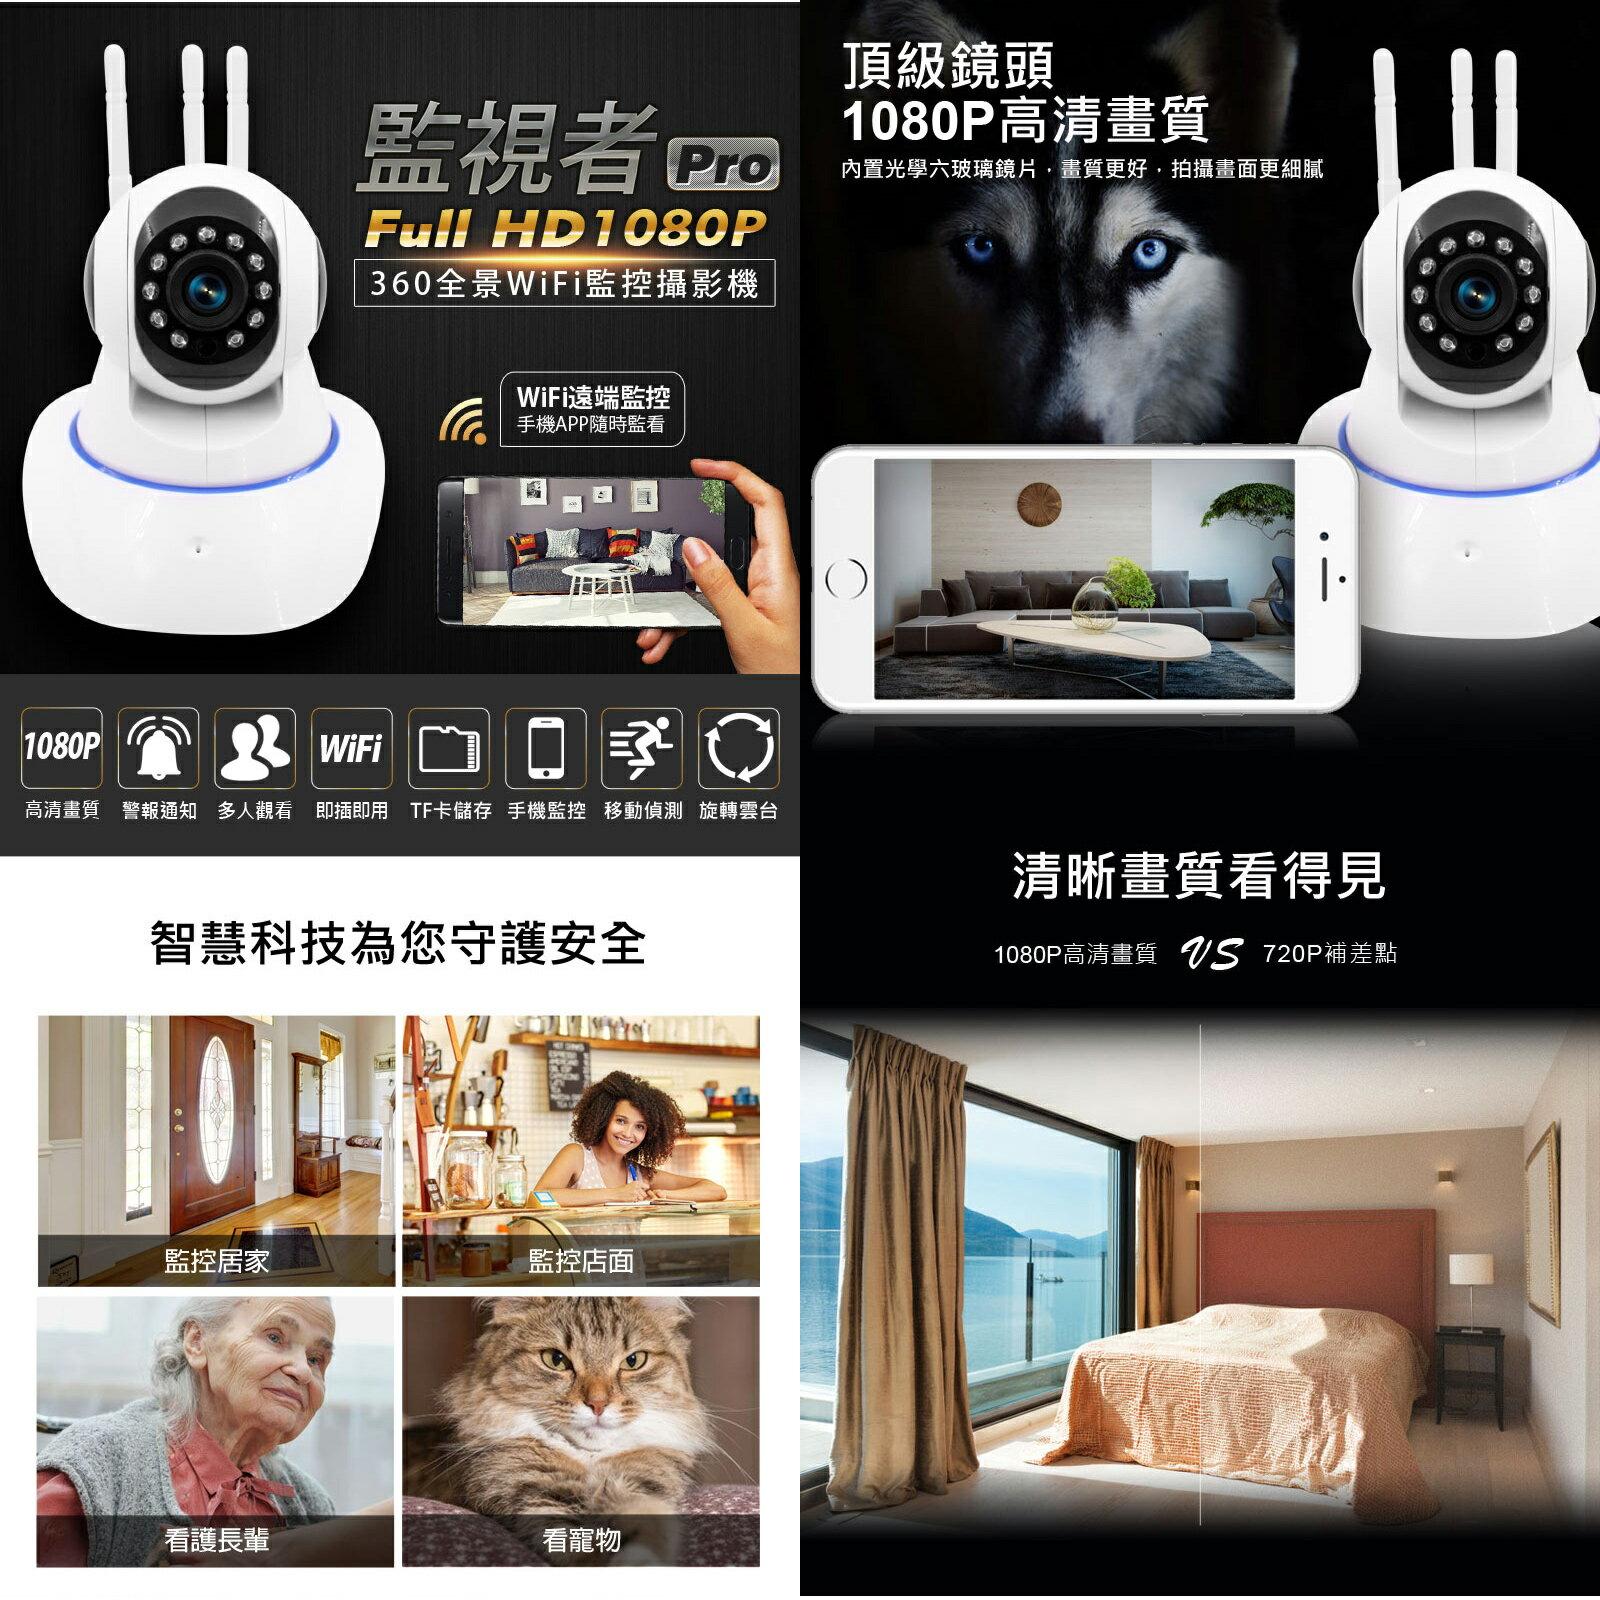 監視者Pro 360全景WIFI監控攝影機 1080P